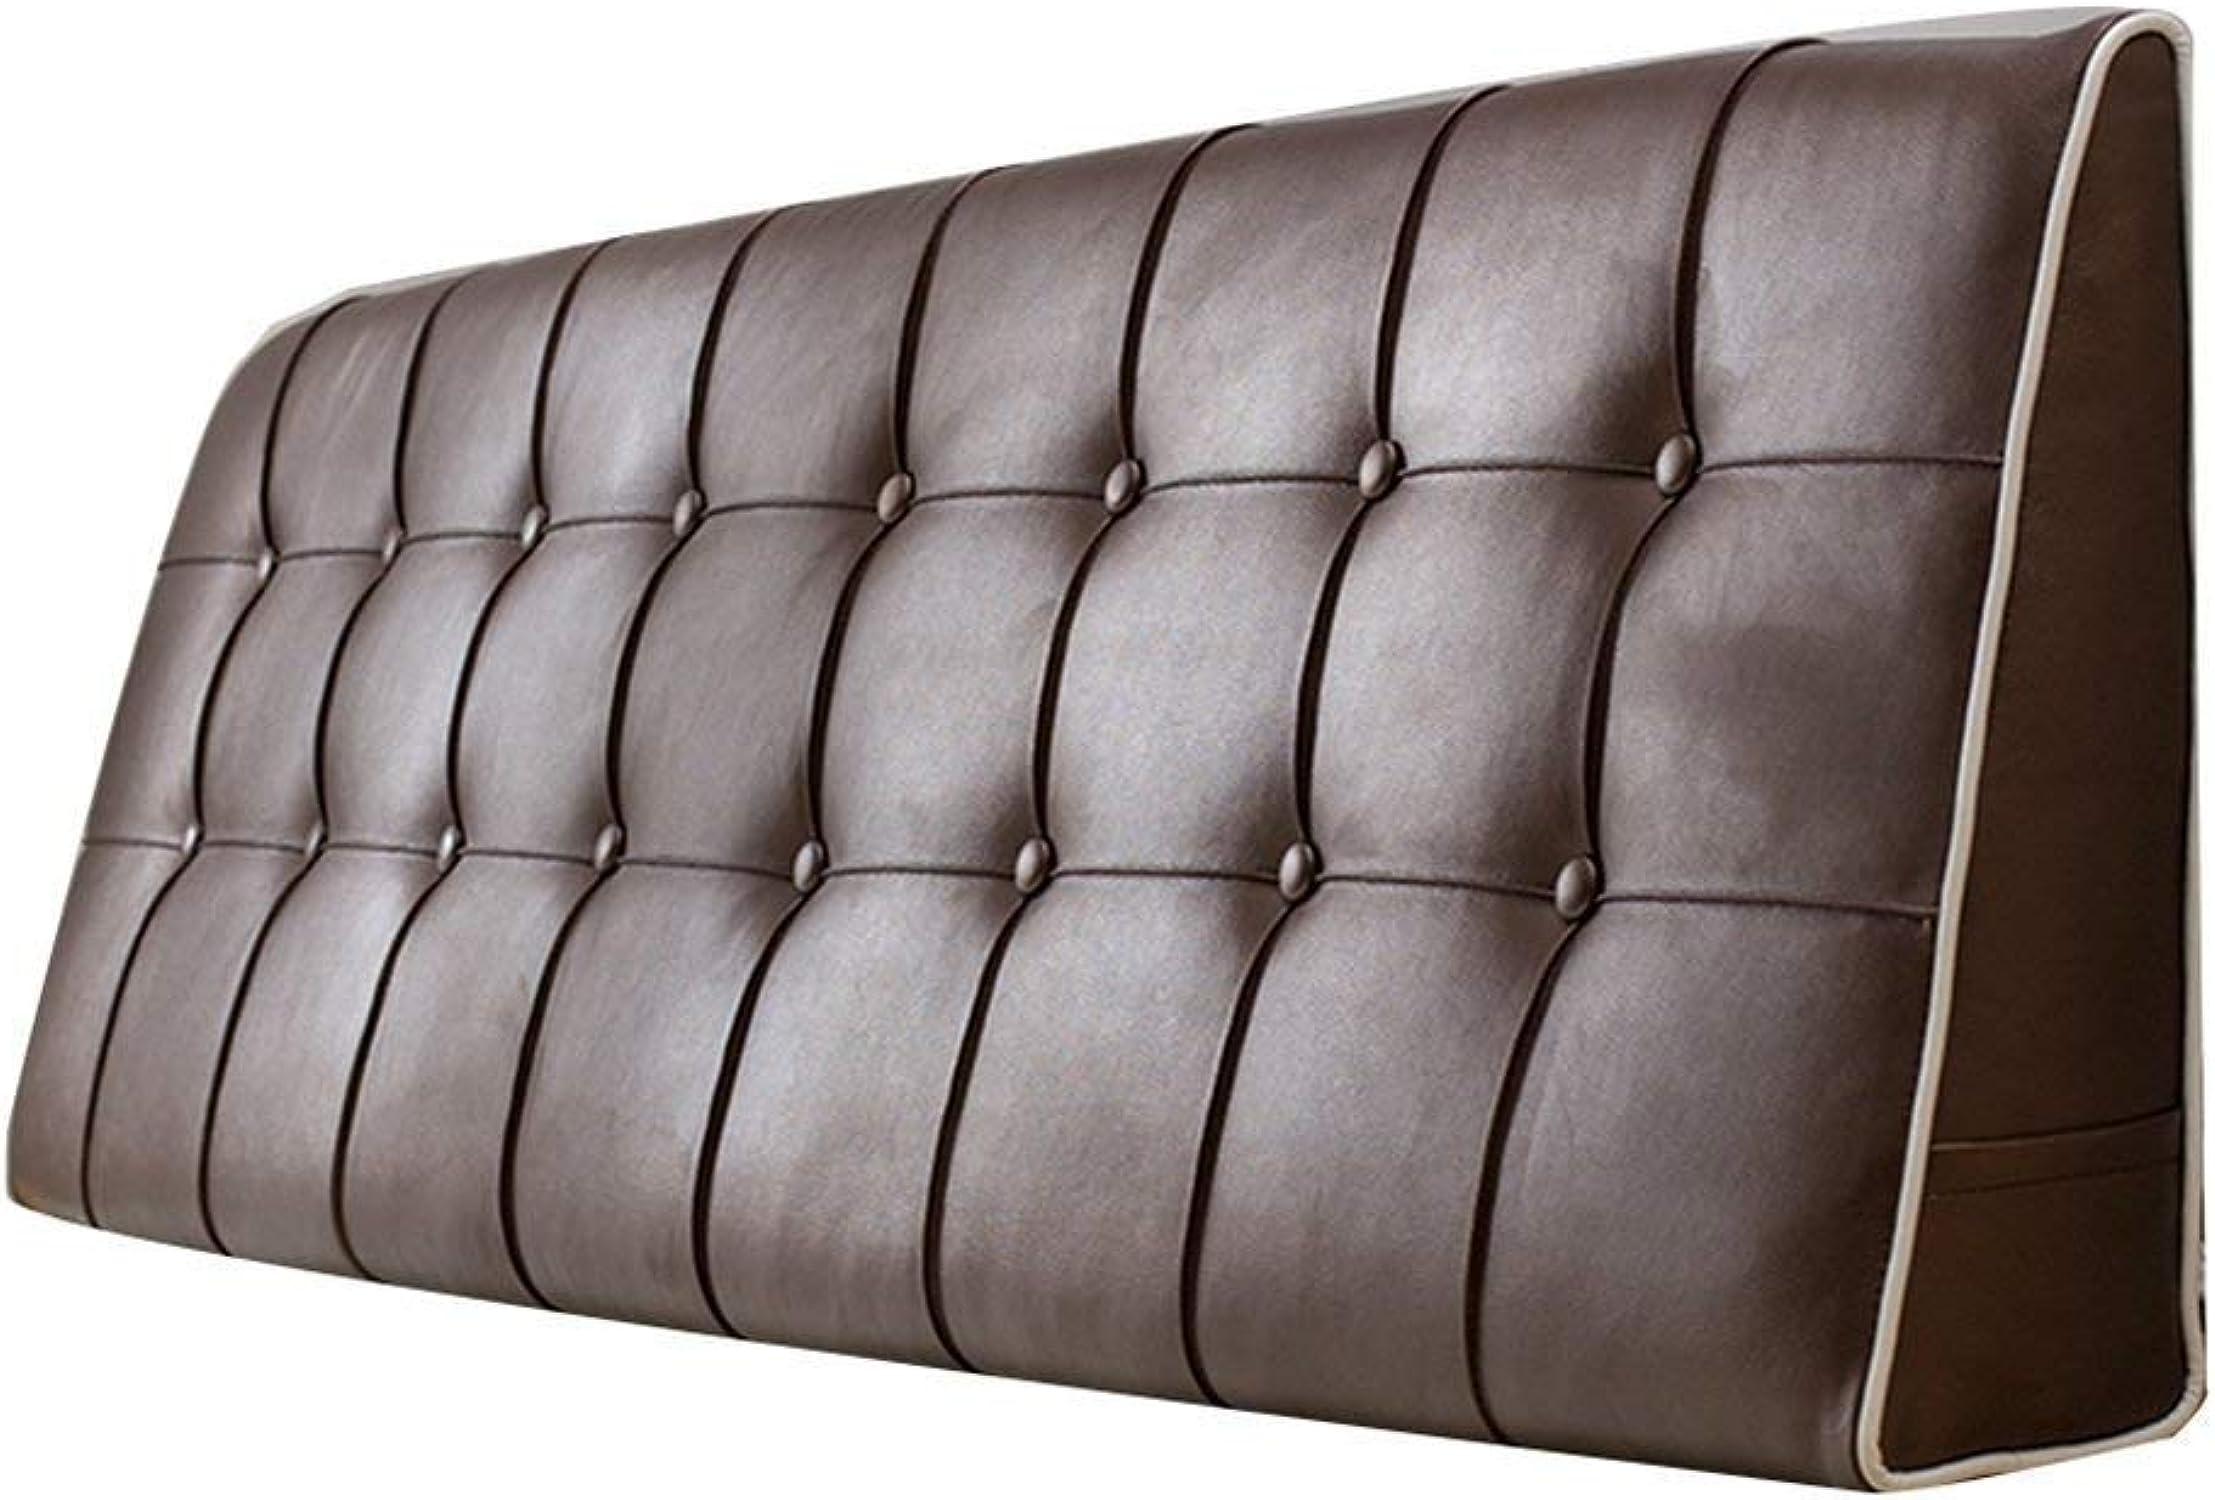 LXRZLS Coussin de Chevet Coussin de lit Double Coussin de lit Double Coussin de tête de lit avec Dossier Amovible et revêteHommest Amovible 7 Couleurs, 7 Tailles. (Couleur   marron, Taille   90x15x50cm)